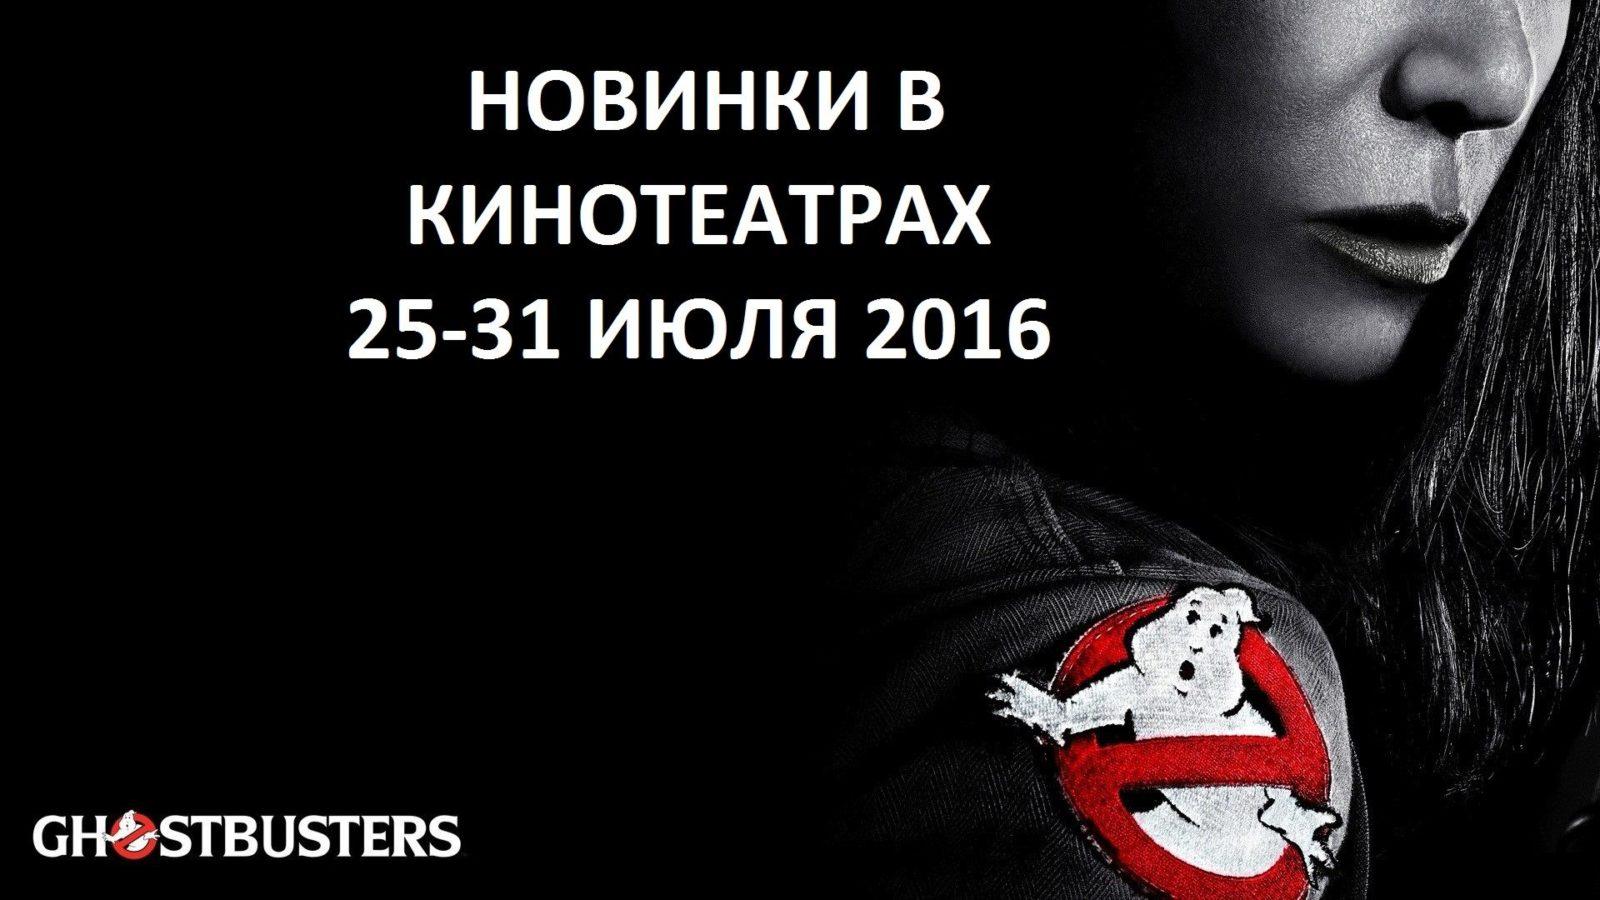 Фильмы 2016 — новинки: что посмотреть в кинотеатре в конце июля (25-31 июля)